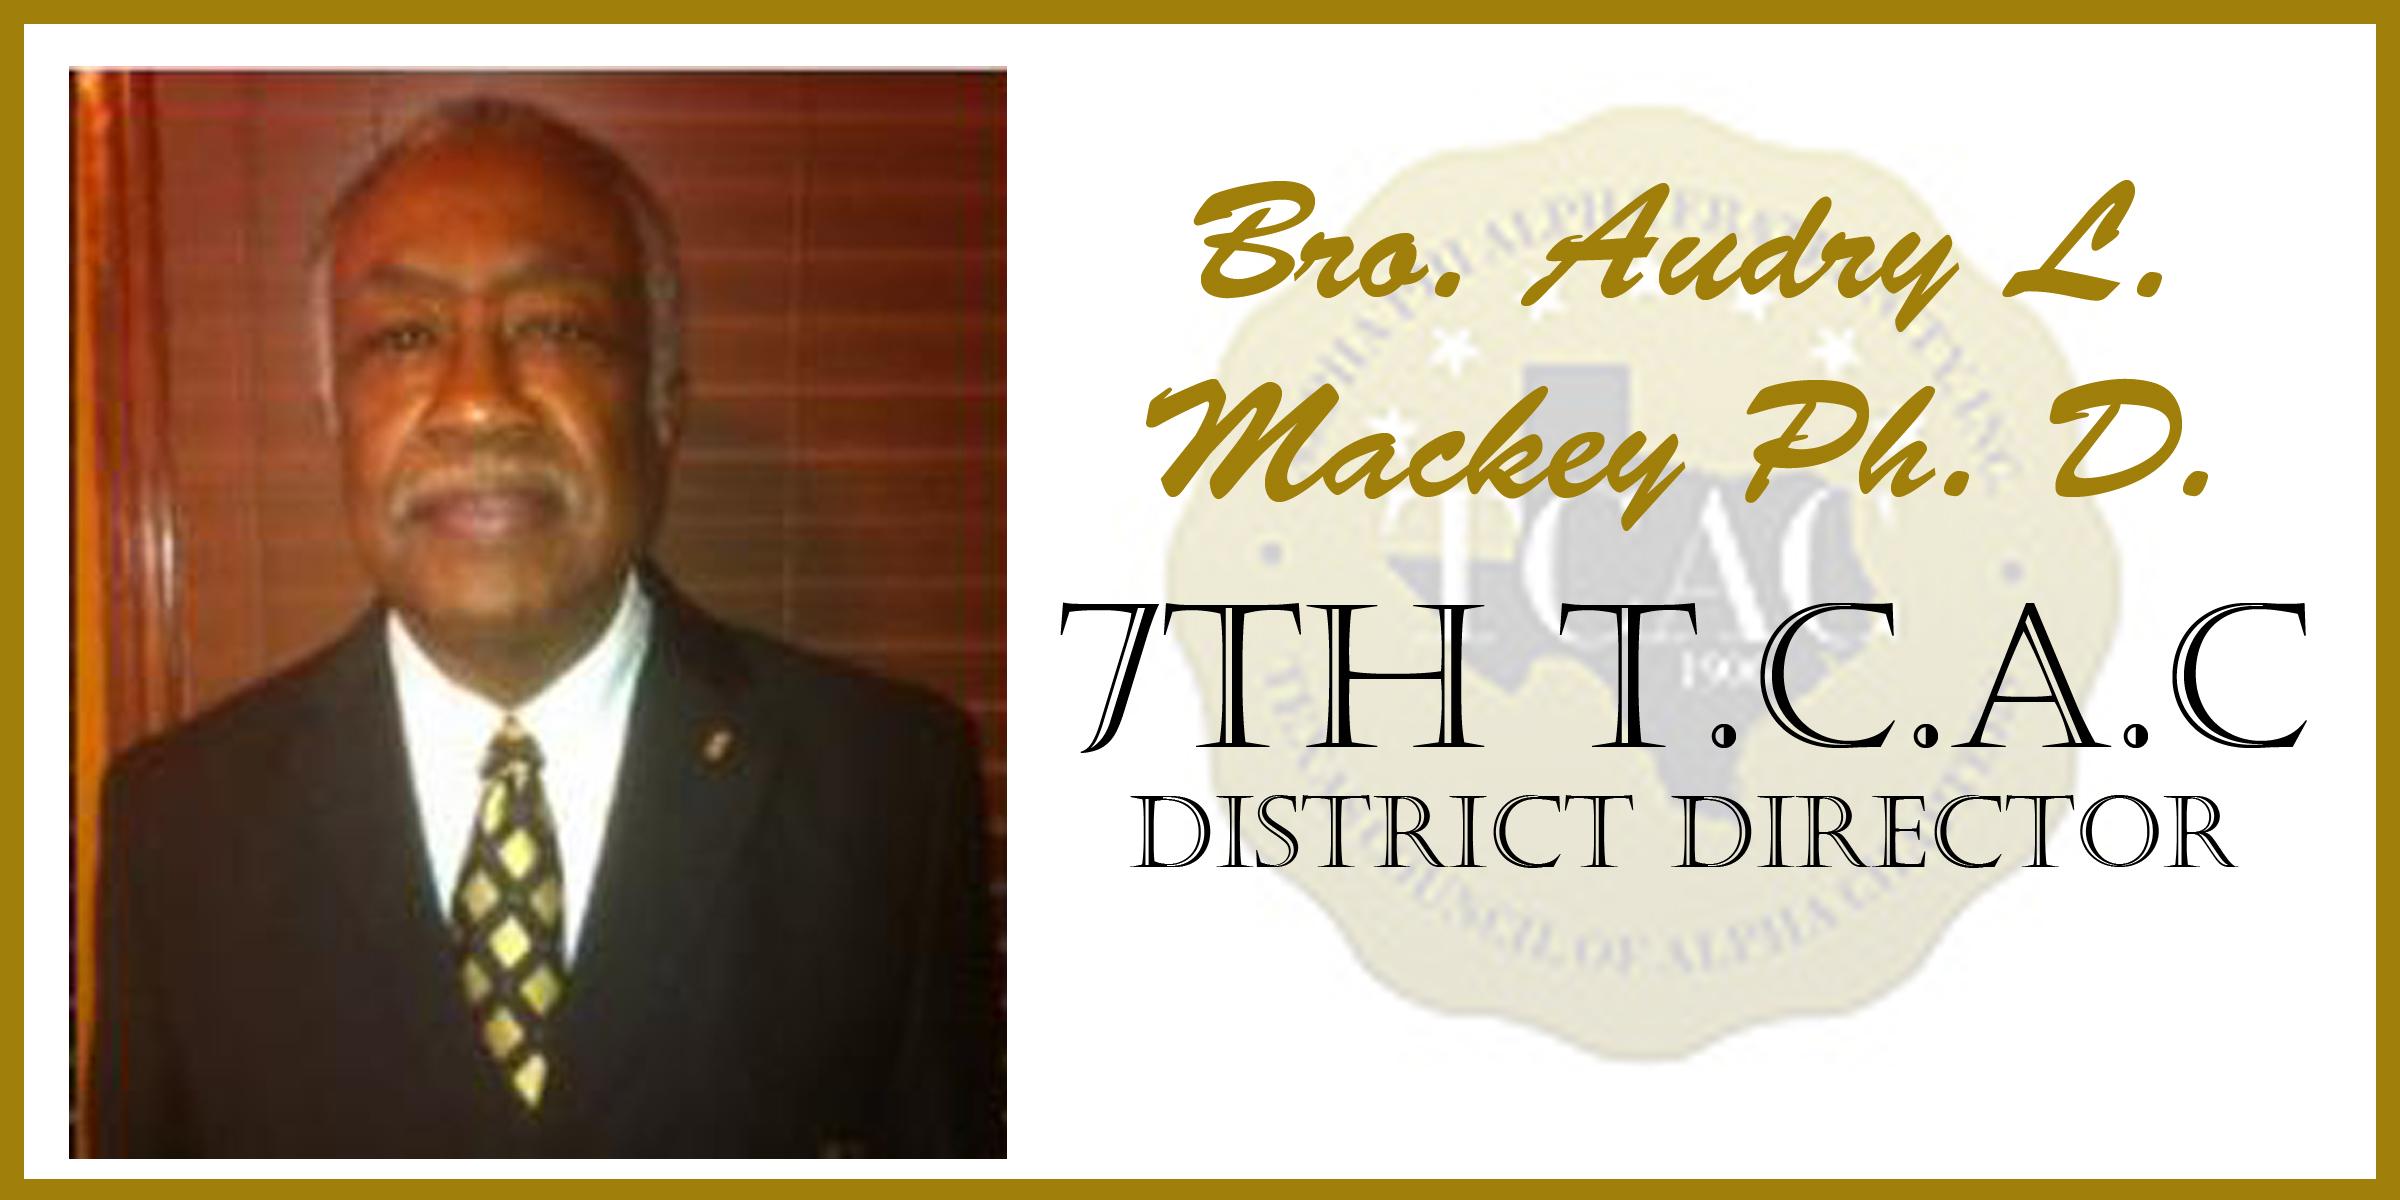 7 Bro Audry Mackey